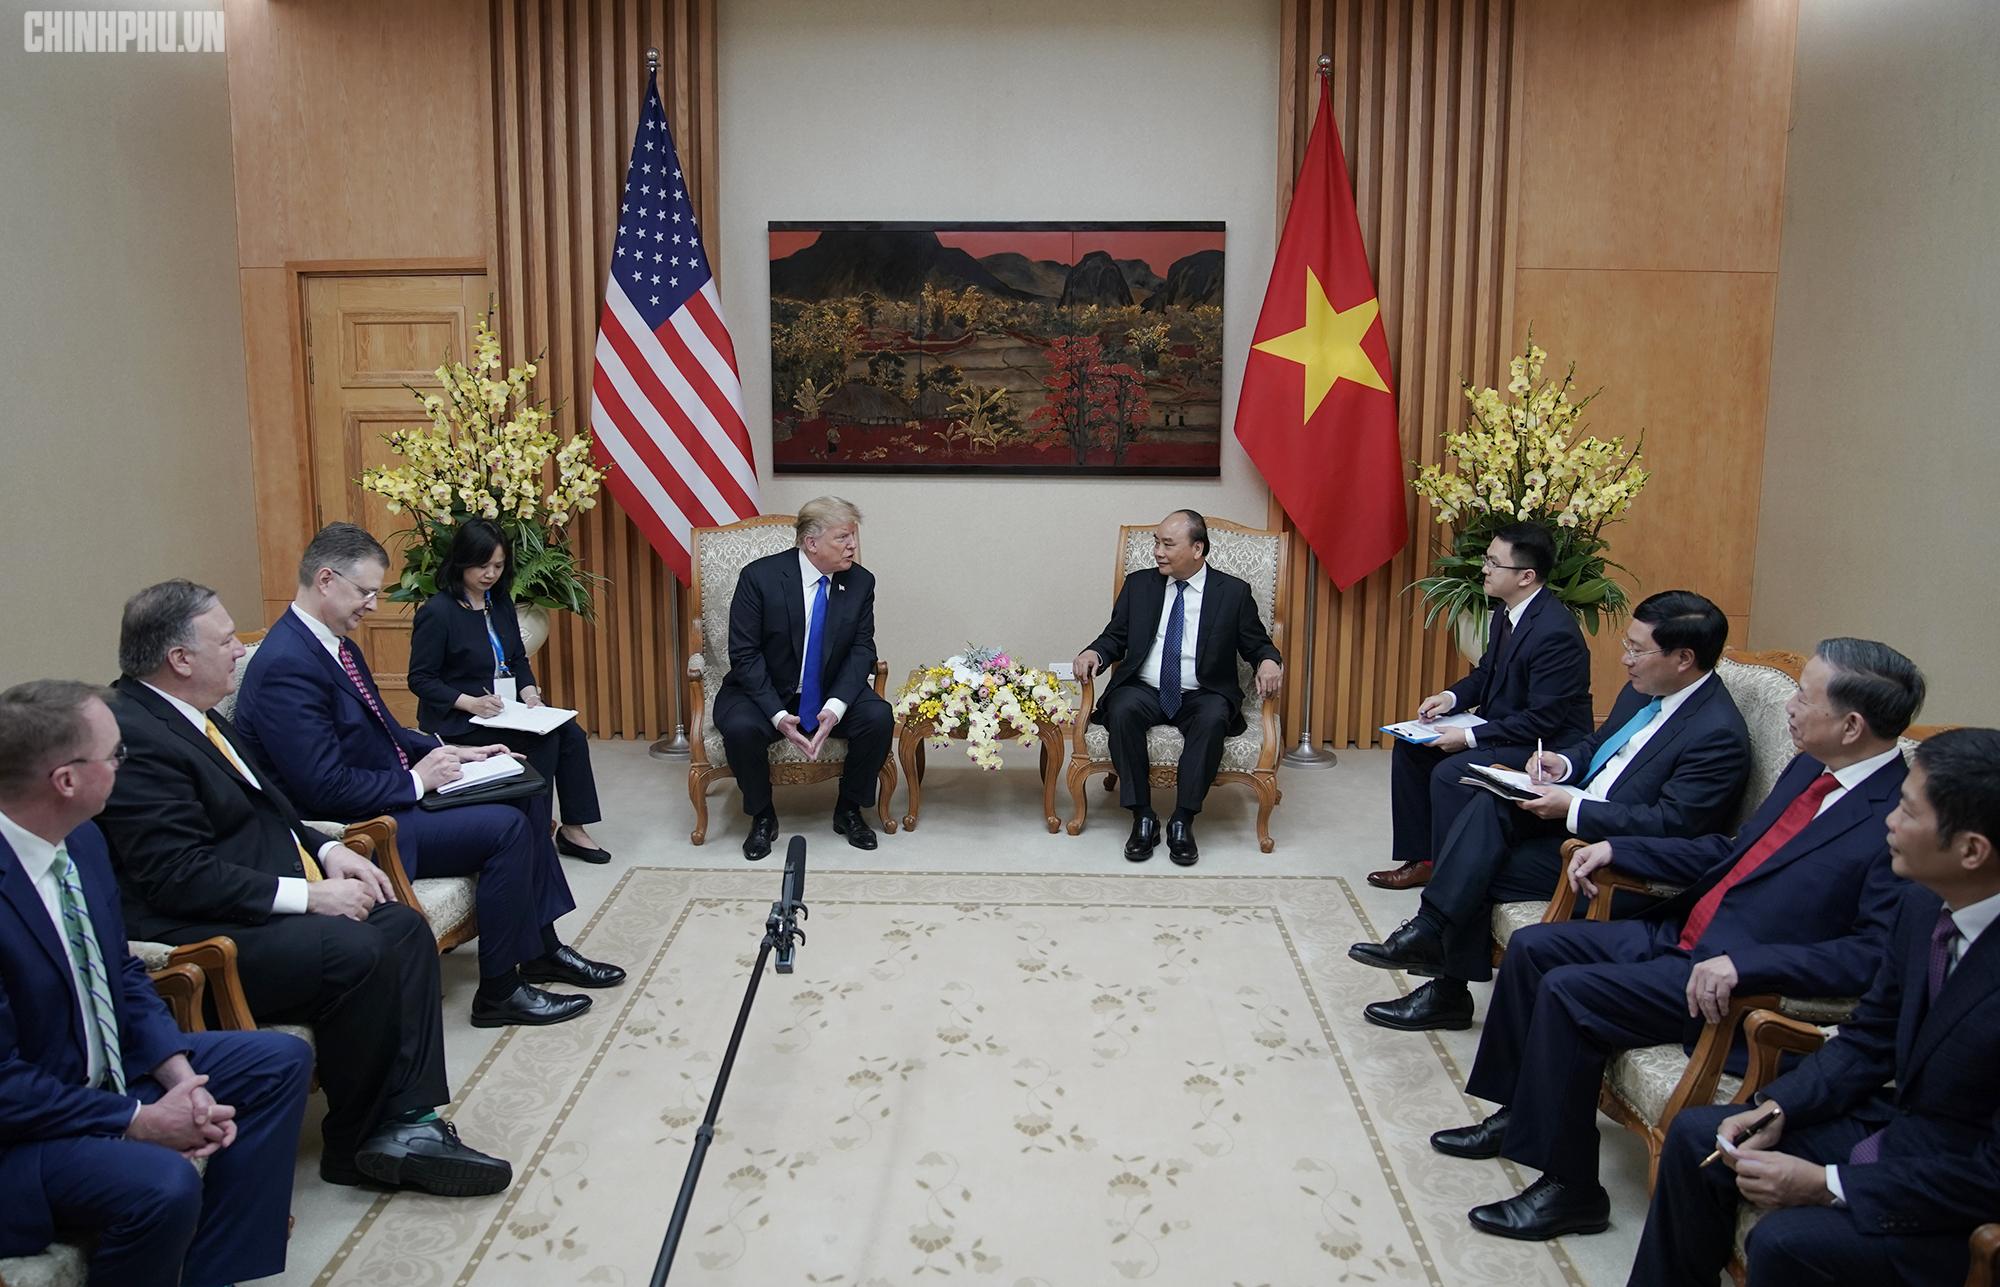 Thủ tướng Nguyễn Xuân Phúc đón Tổng thống Hoa Kỳ Donald Trump - Ảnh 11